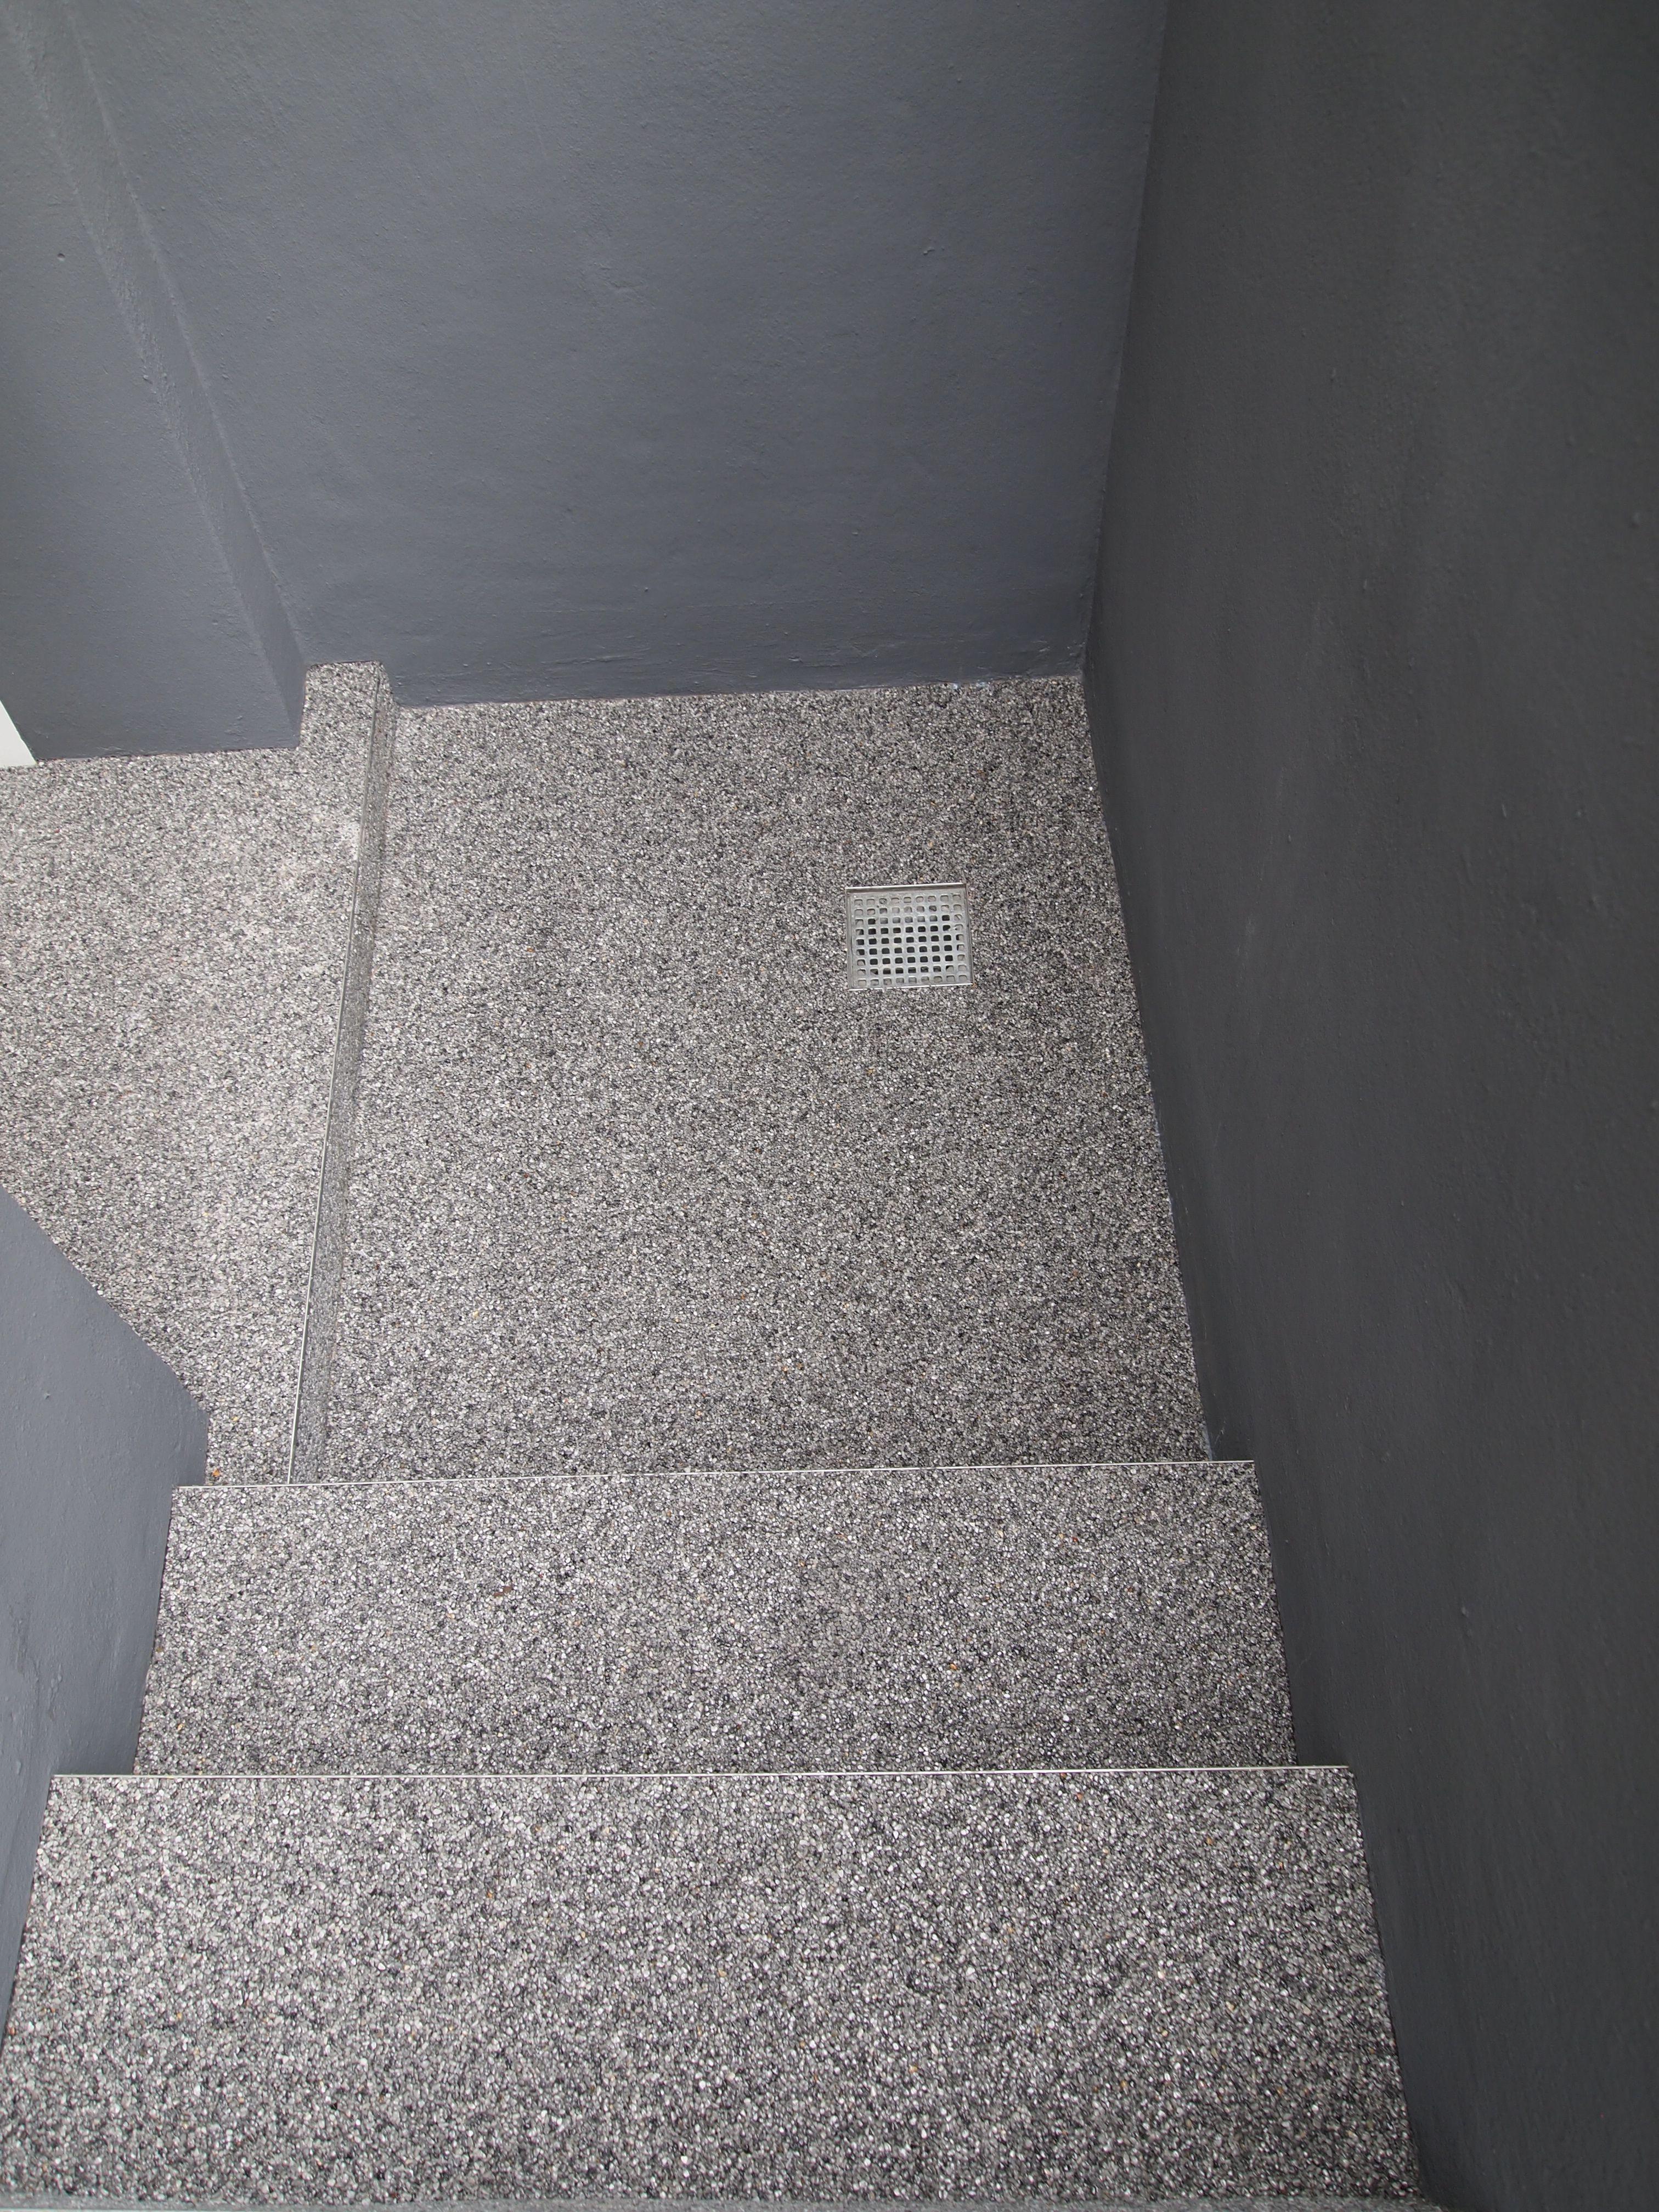 steinteppich home pinterest kellertreppe bodengestaltung und spachteltechnik. Black Bedroom Furniture Sets. Home Design Ideas